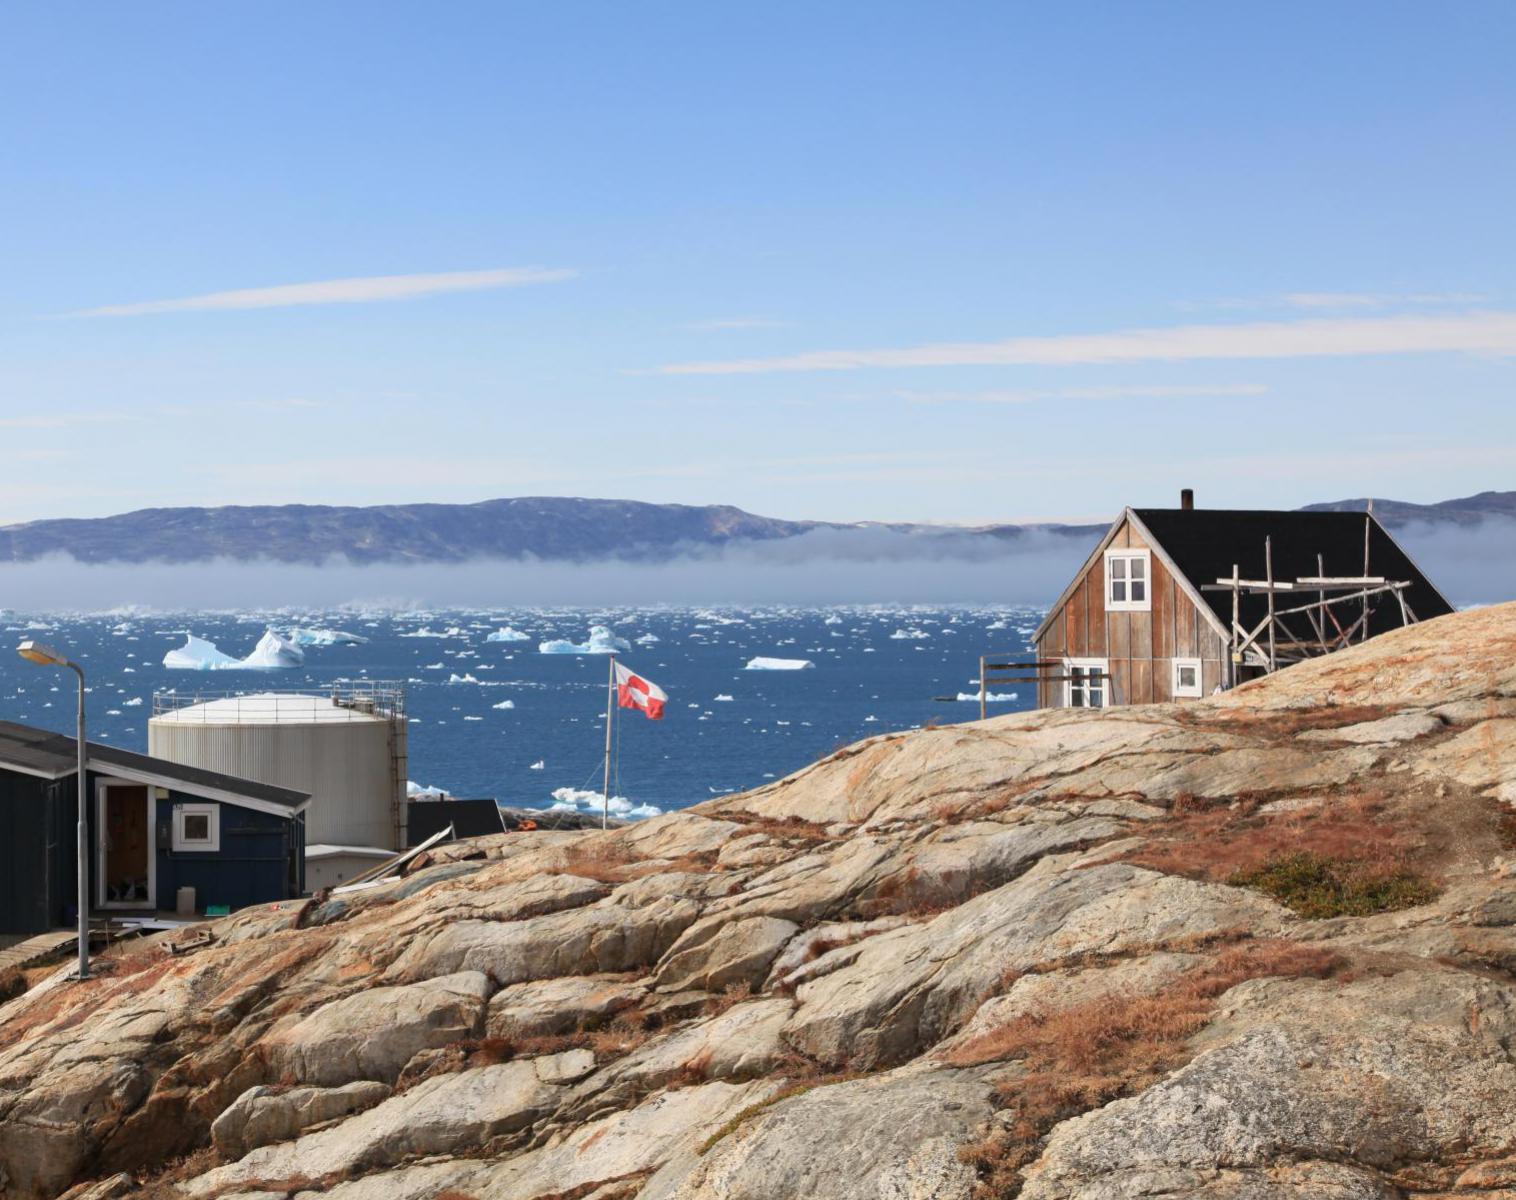 Groenland  Camp de base et randonnées au pays des glaces   Découverte Trek & Randonnée